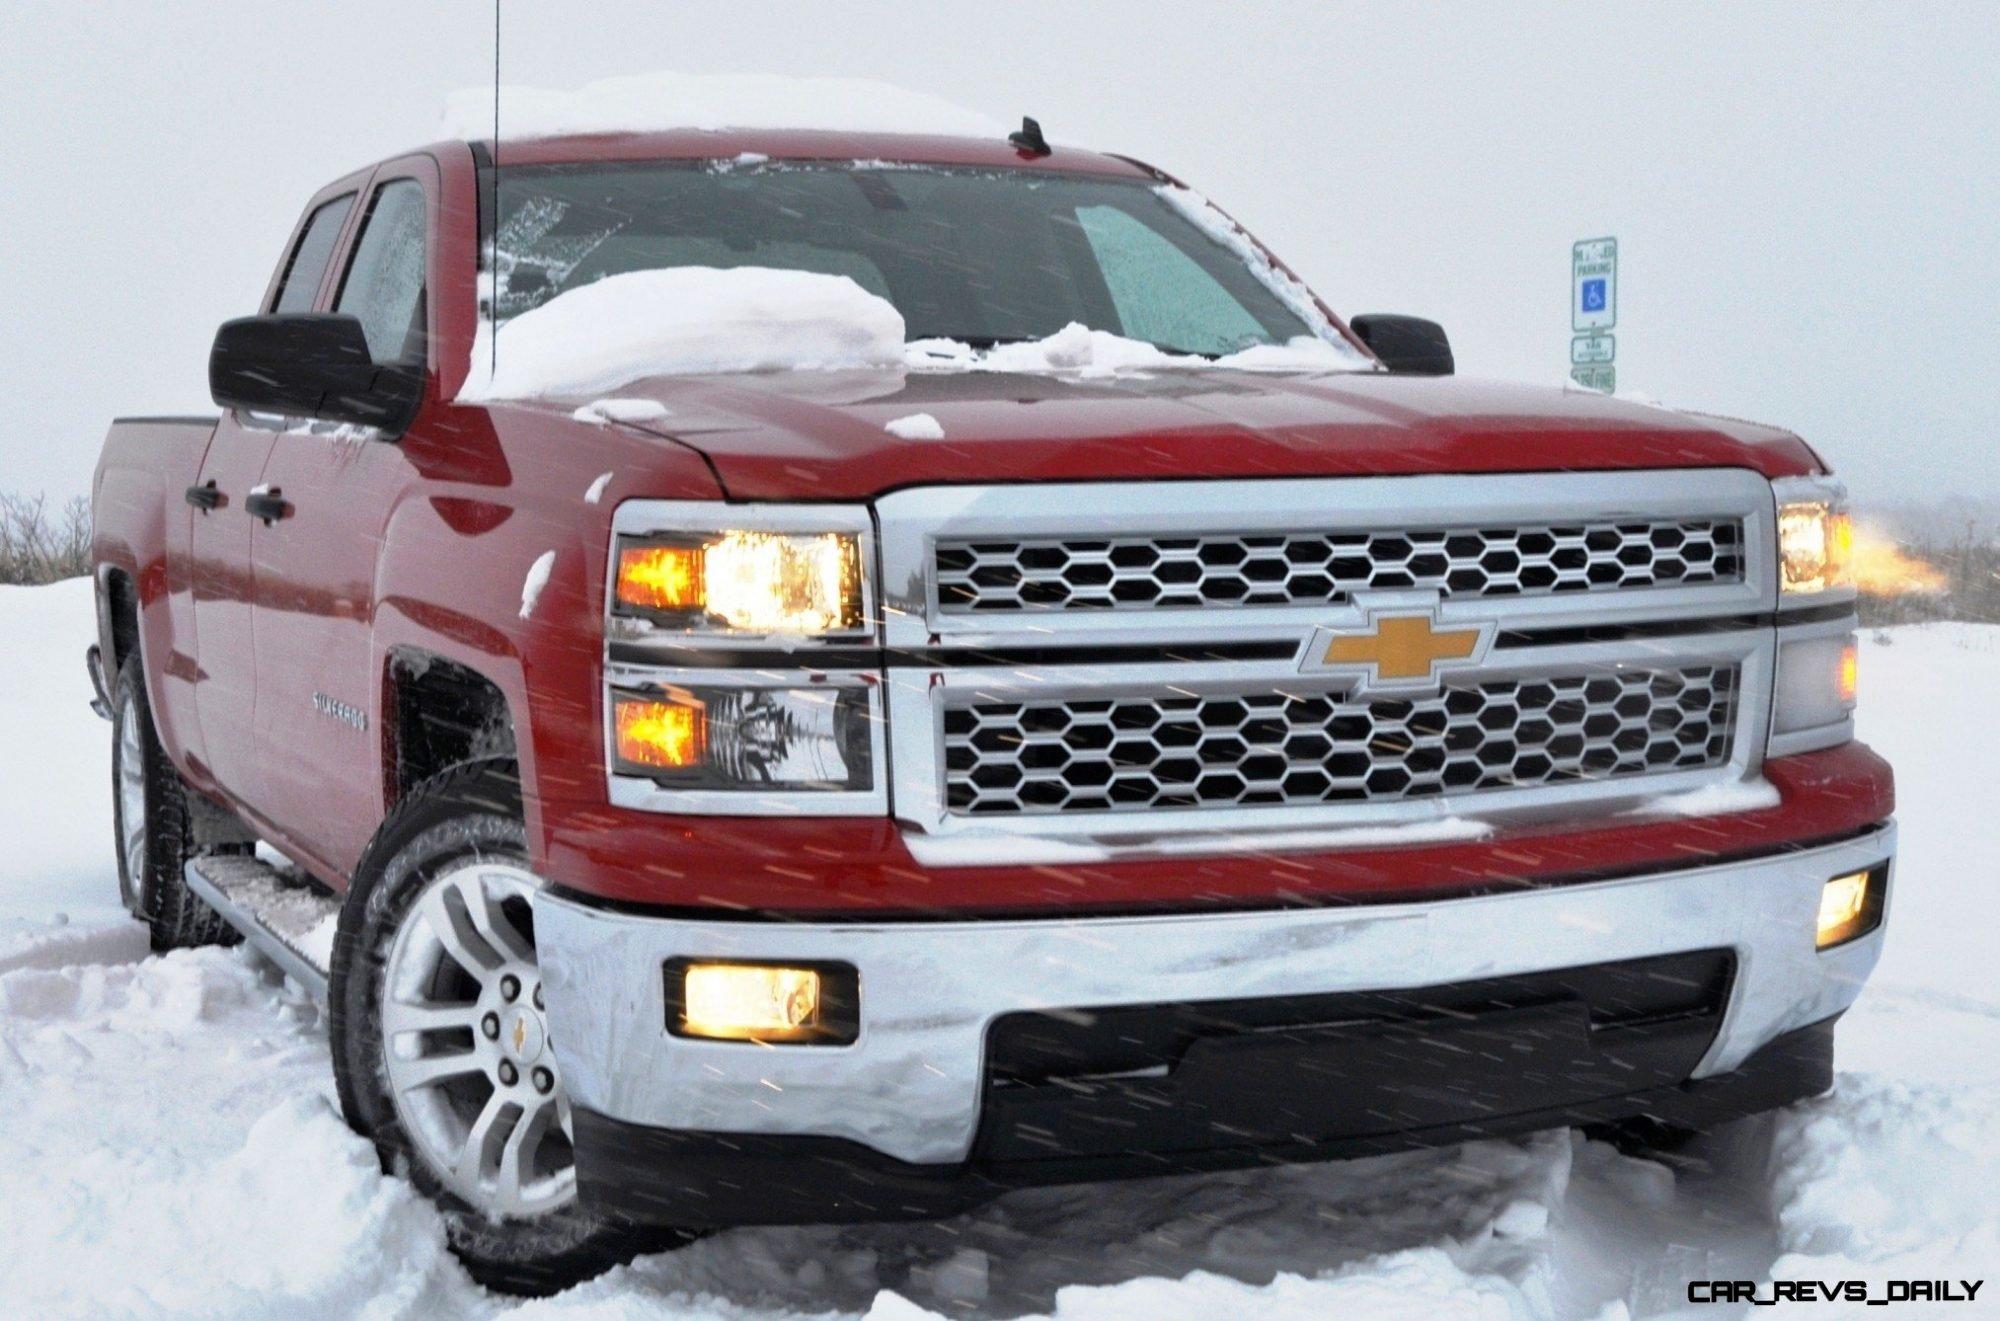 CarRevsDaily-Snowy-Test-Pho